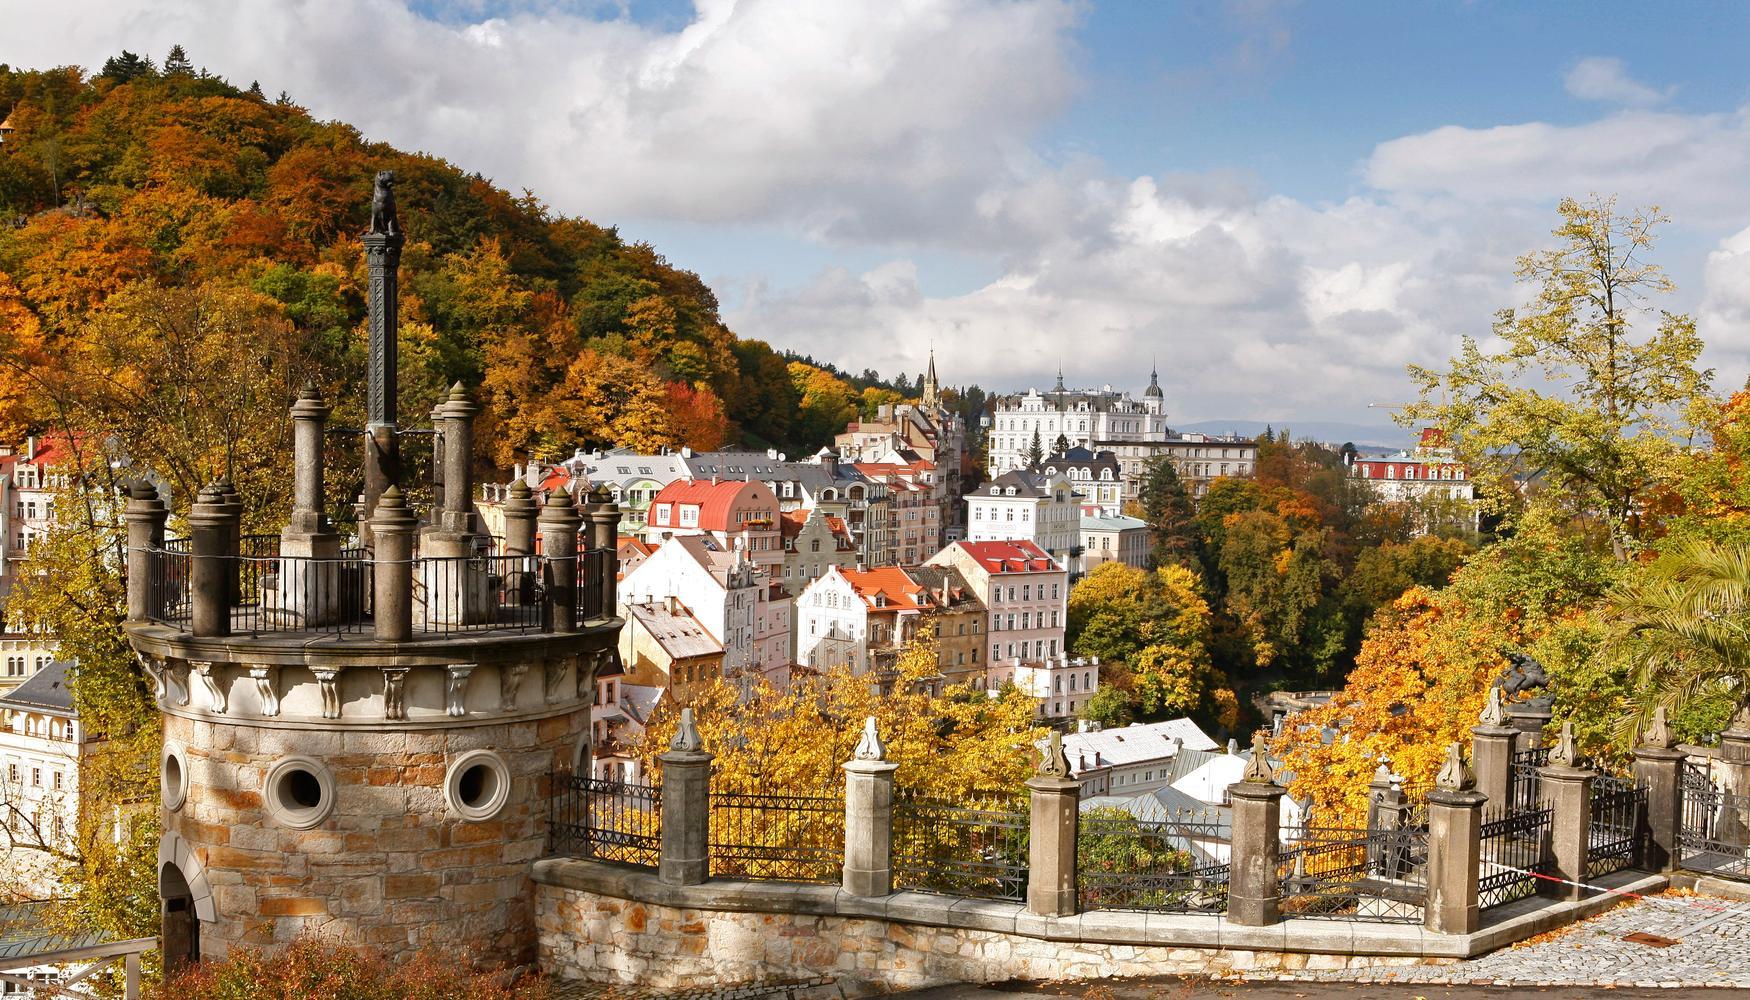 Leiebil på Karlsbad Karlovy Vary flyplass